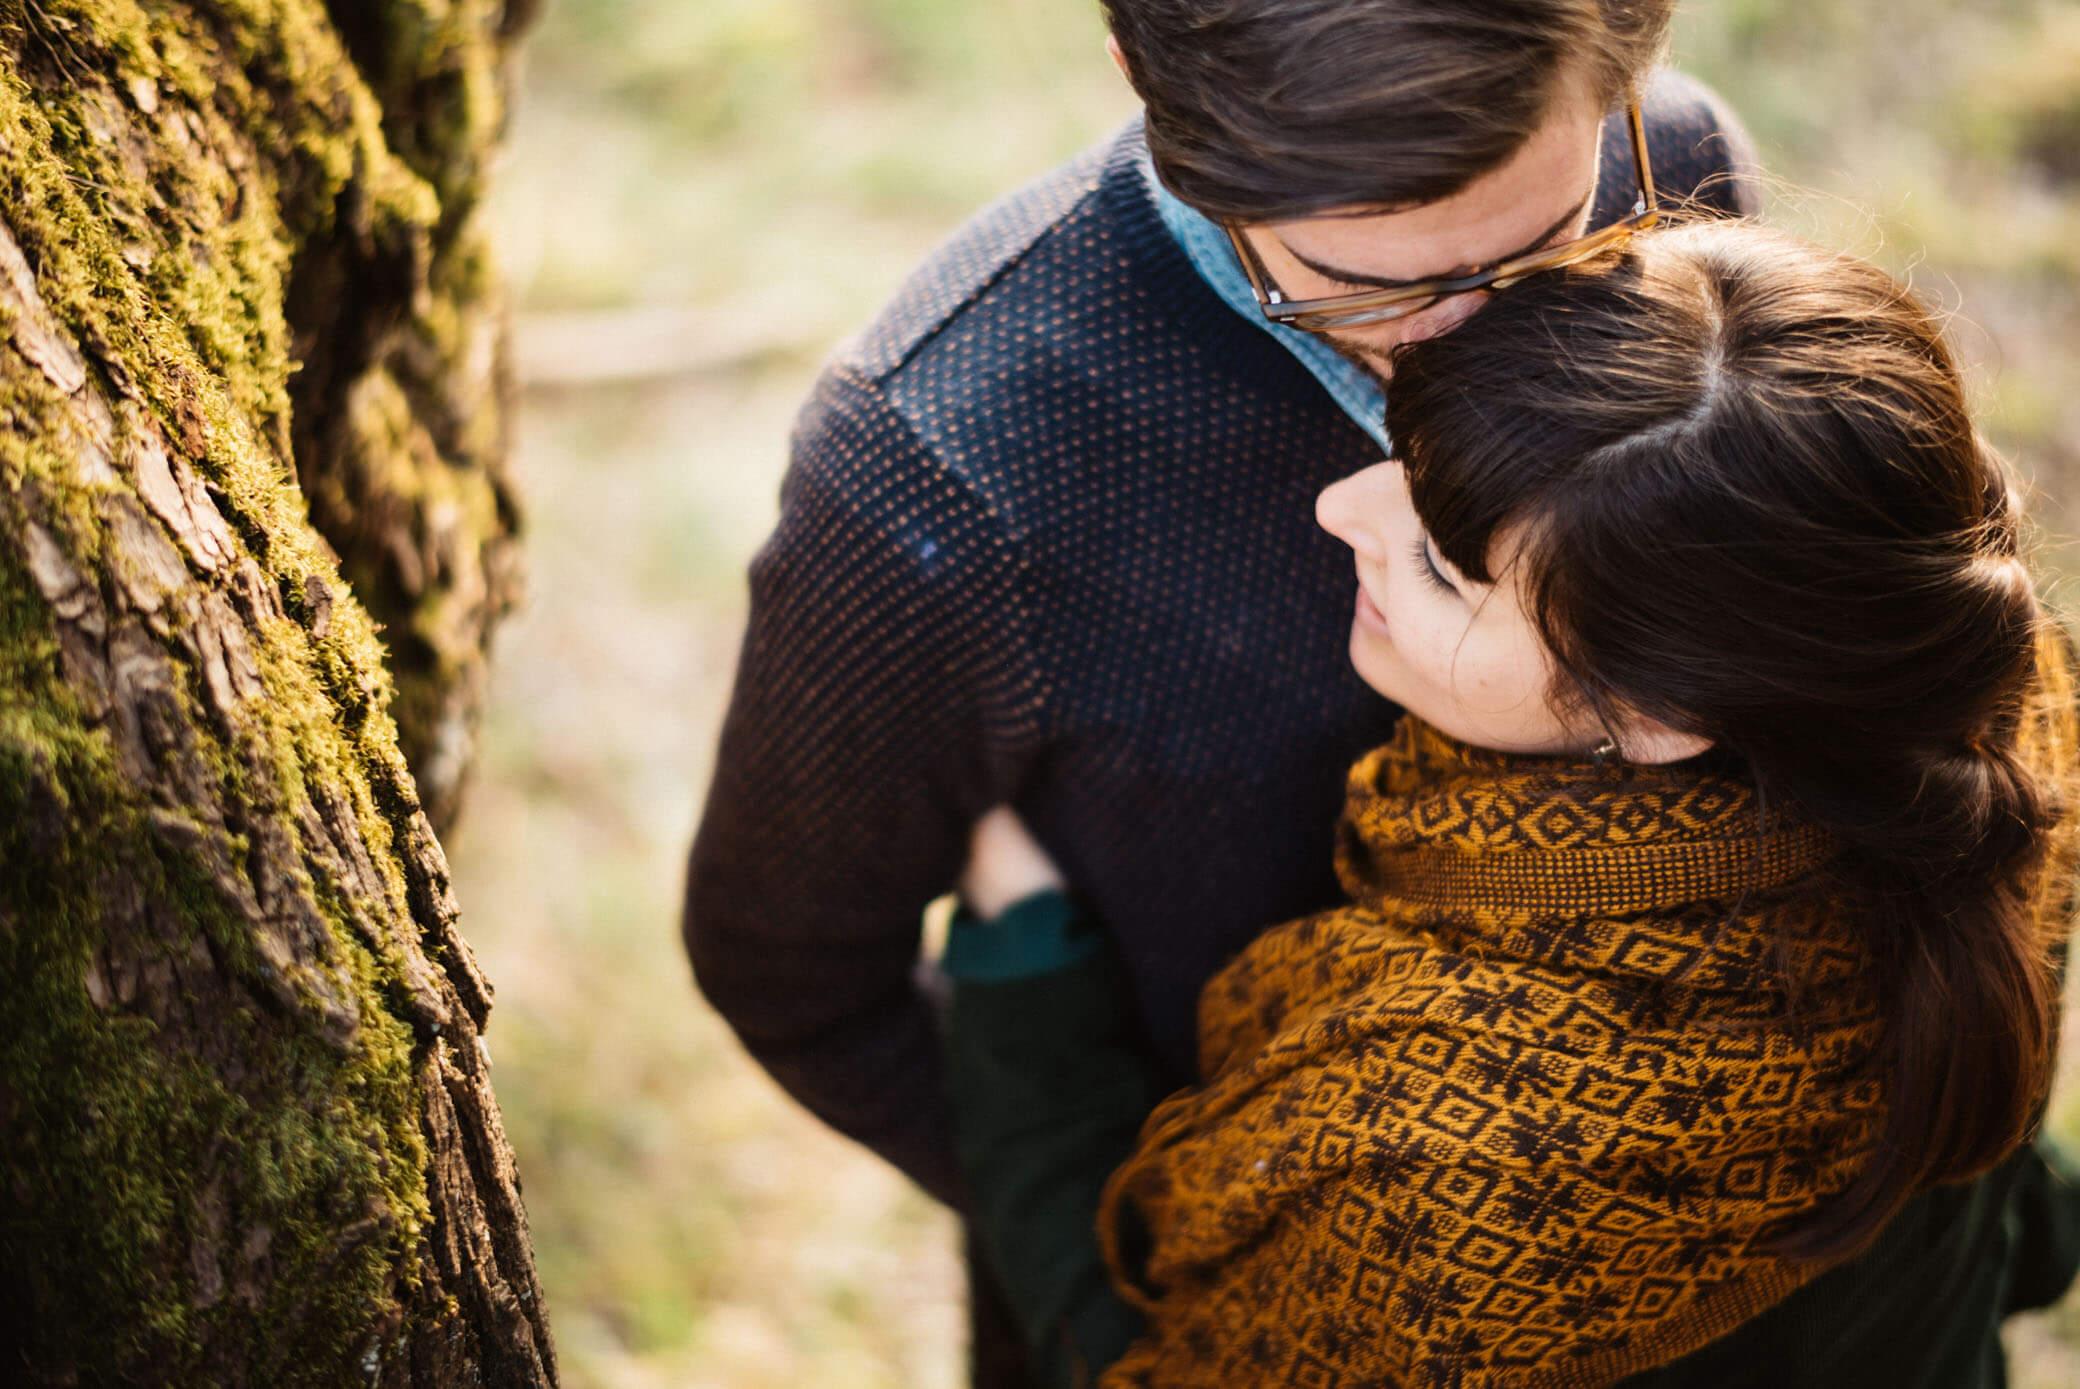 comment-reussir-vos-photos-de-couple-sens-toucher-amour-emotion-workshop